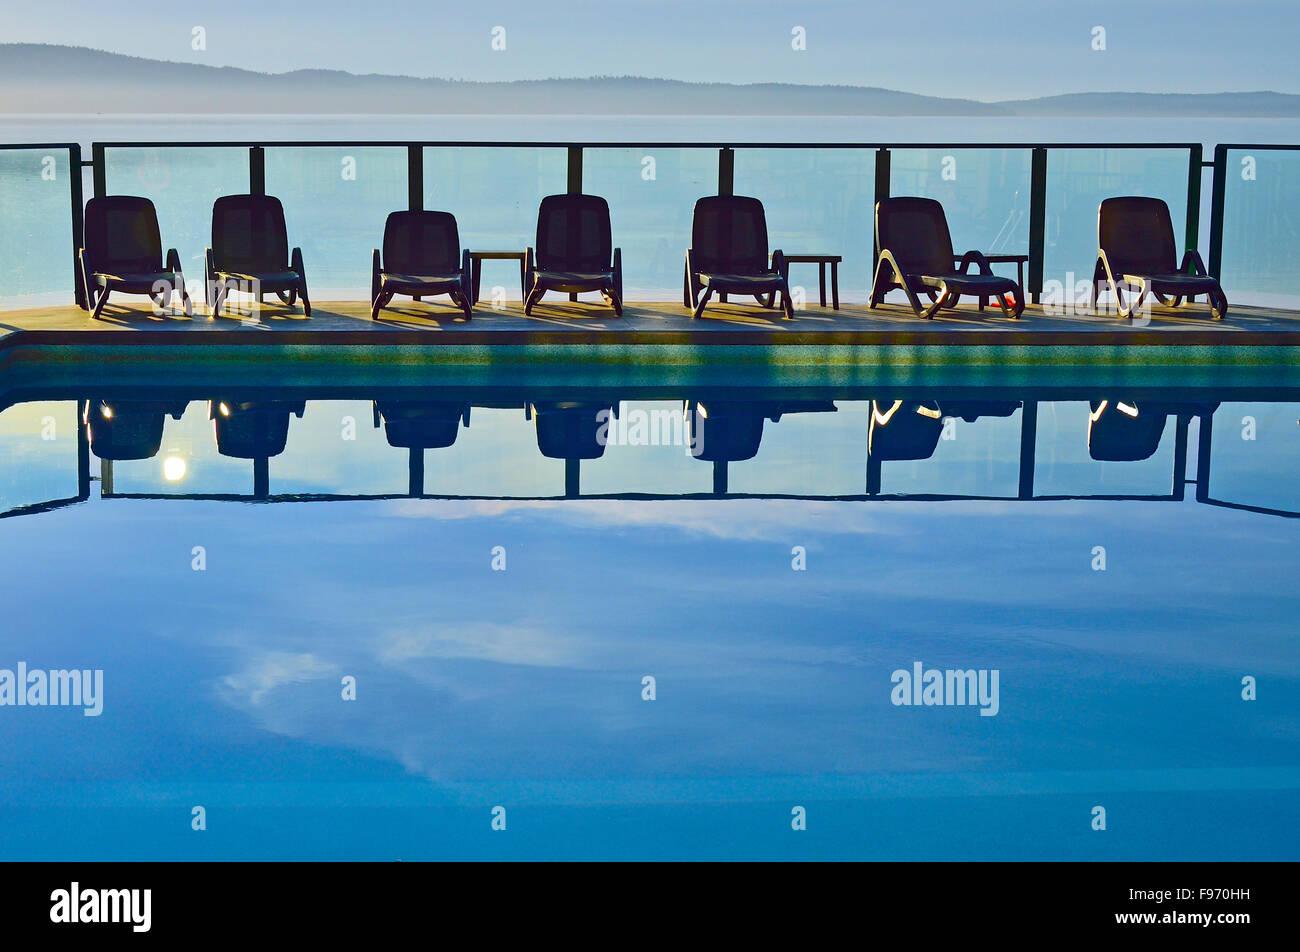 Une image horizontale d'une gamme de fauteuils à une piscine extérieure à l'établissement Photo Stock